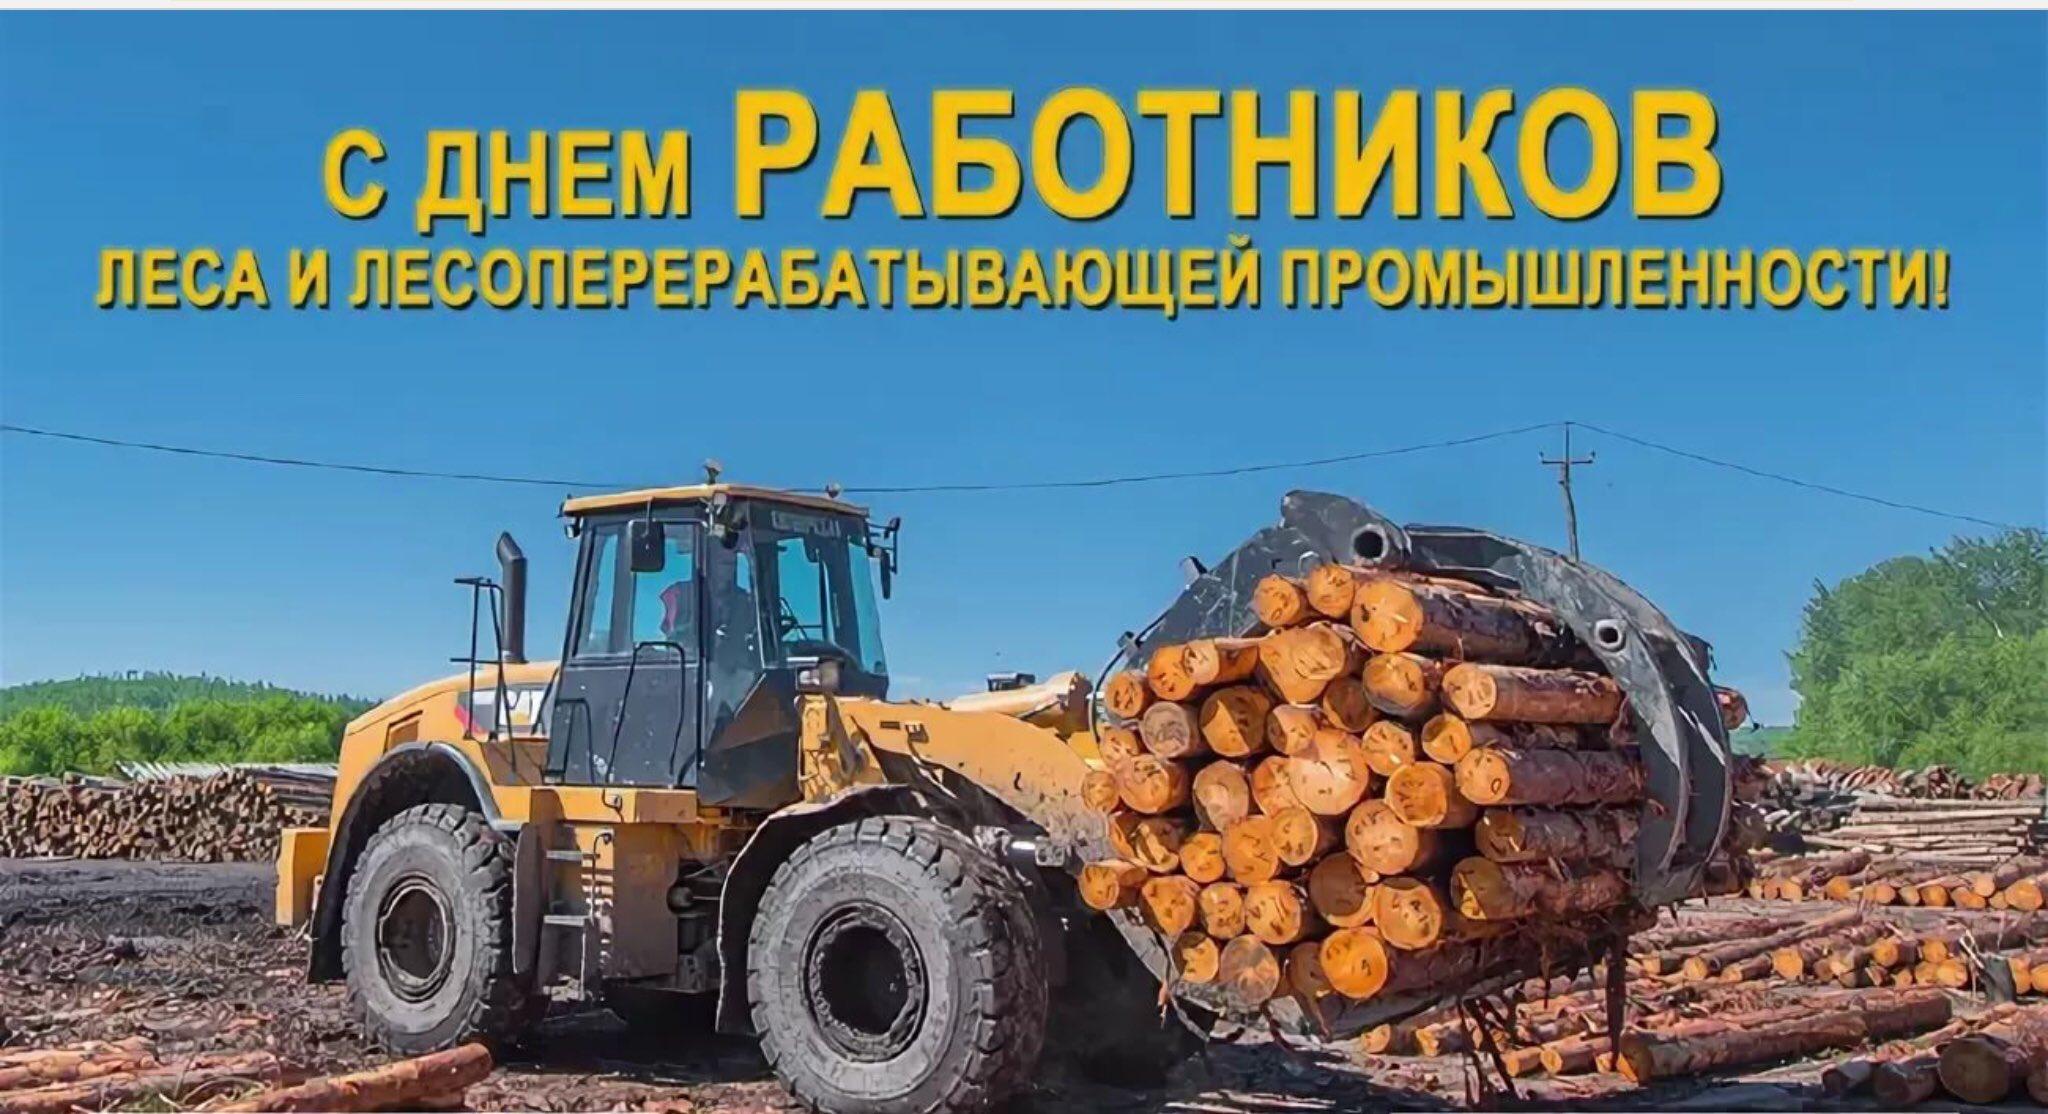 Прикольные картинки про лесную промышленность, новым годом лошади